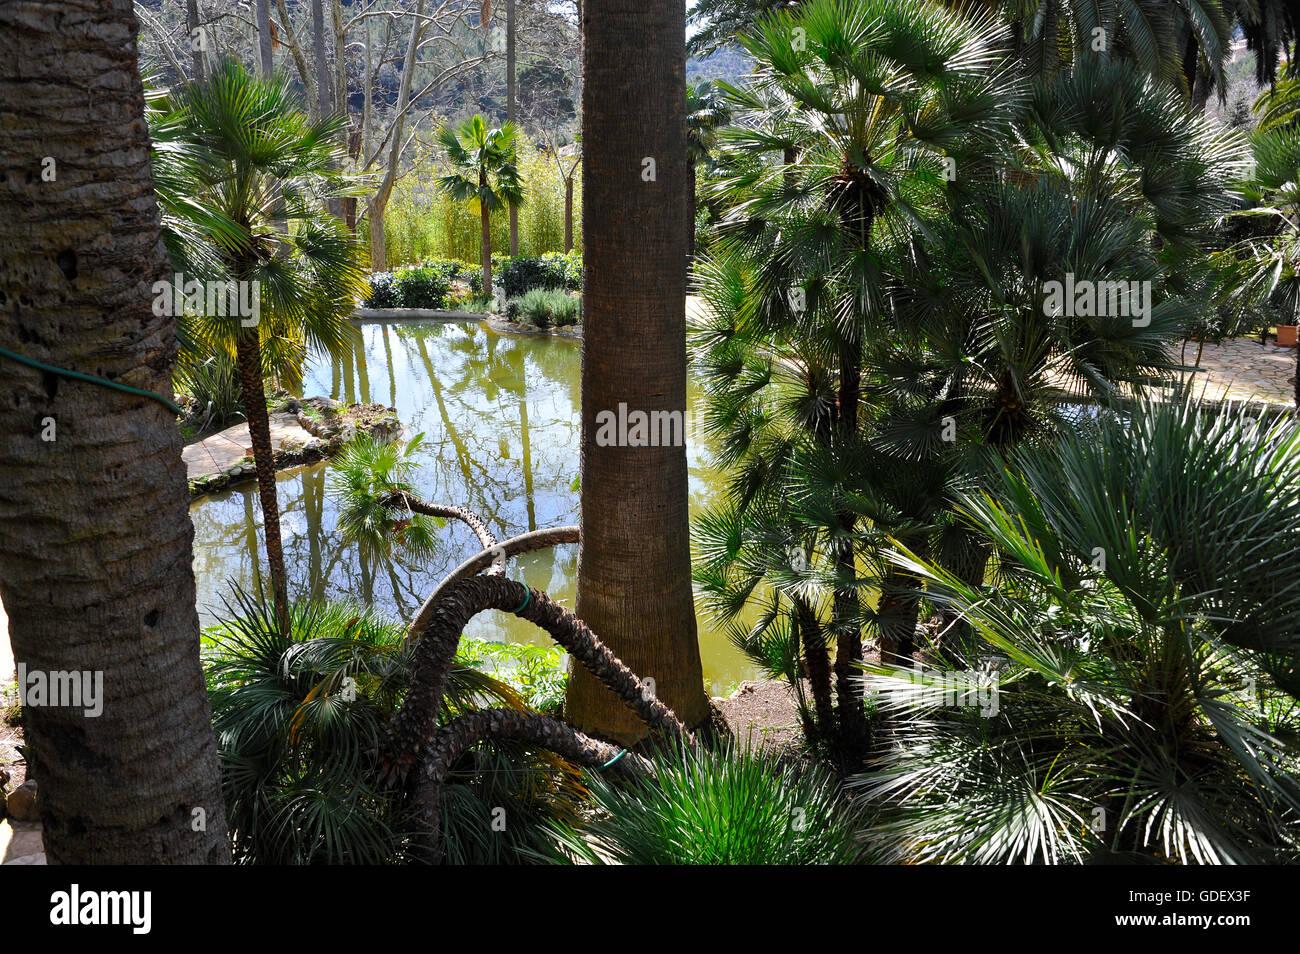 Jardin Arabe Jardins Dalfabia Bunyola Majorque Espagne Banque - Jardin-arabe